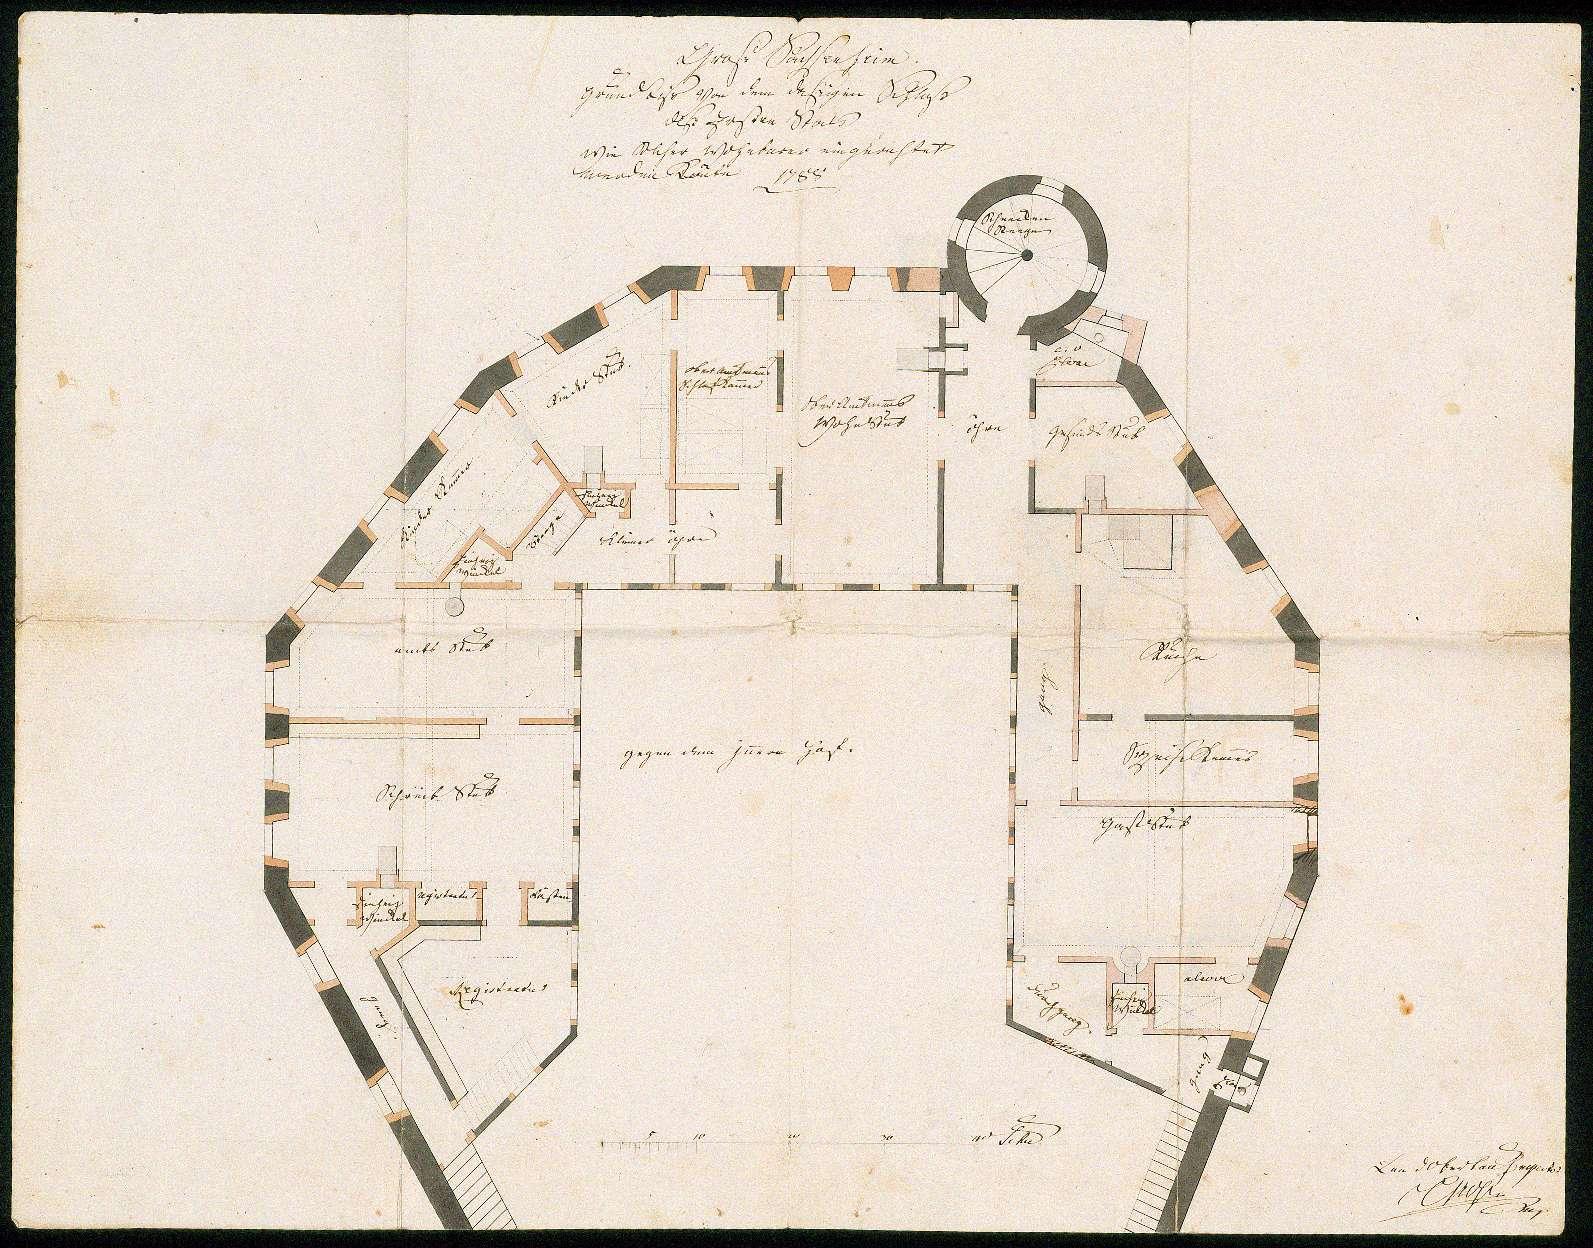 """""""Groß Sachsenheim. Grundriß von dem daßigen Schloß deß Ersten Stocks wie solcher wohnbarer eingerichtet werden könte. 1788"""", Bild 1"""